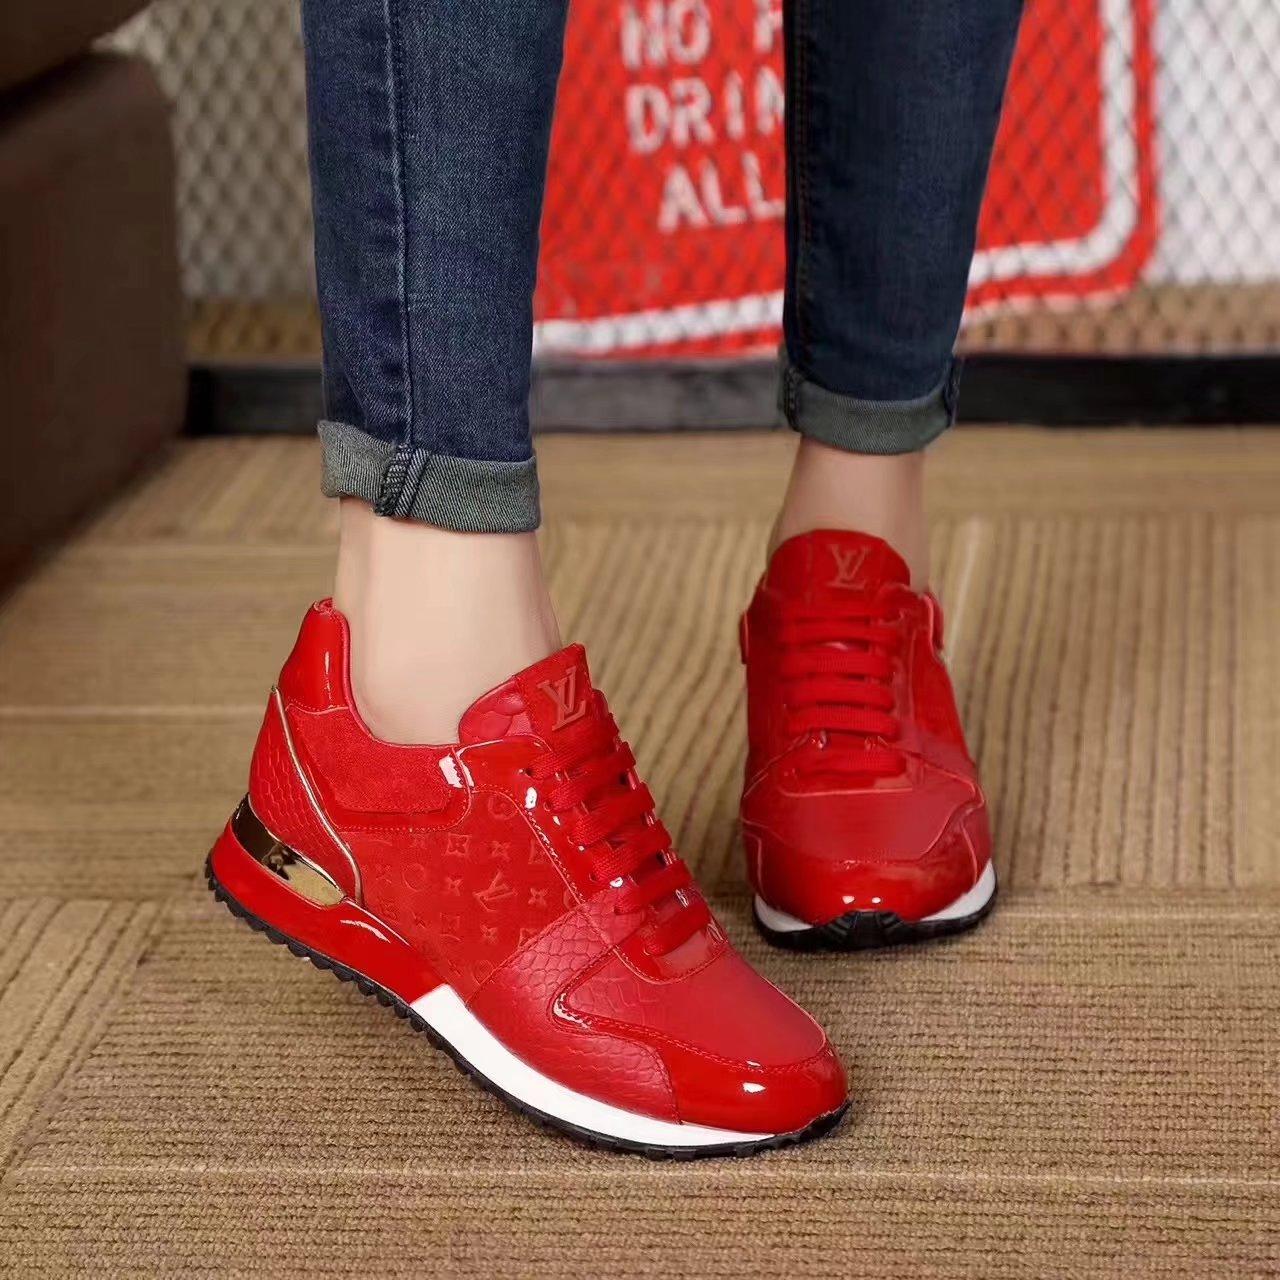 Acheter basket louis vuitton femme rouge pas cher cc3af528f54